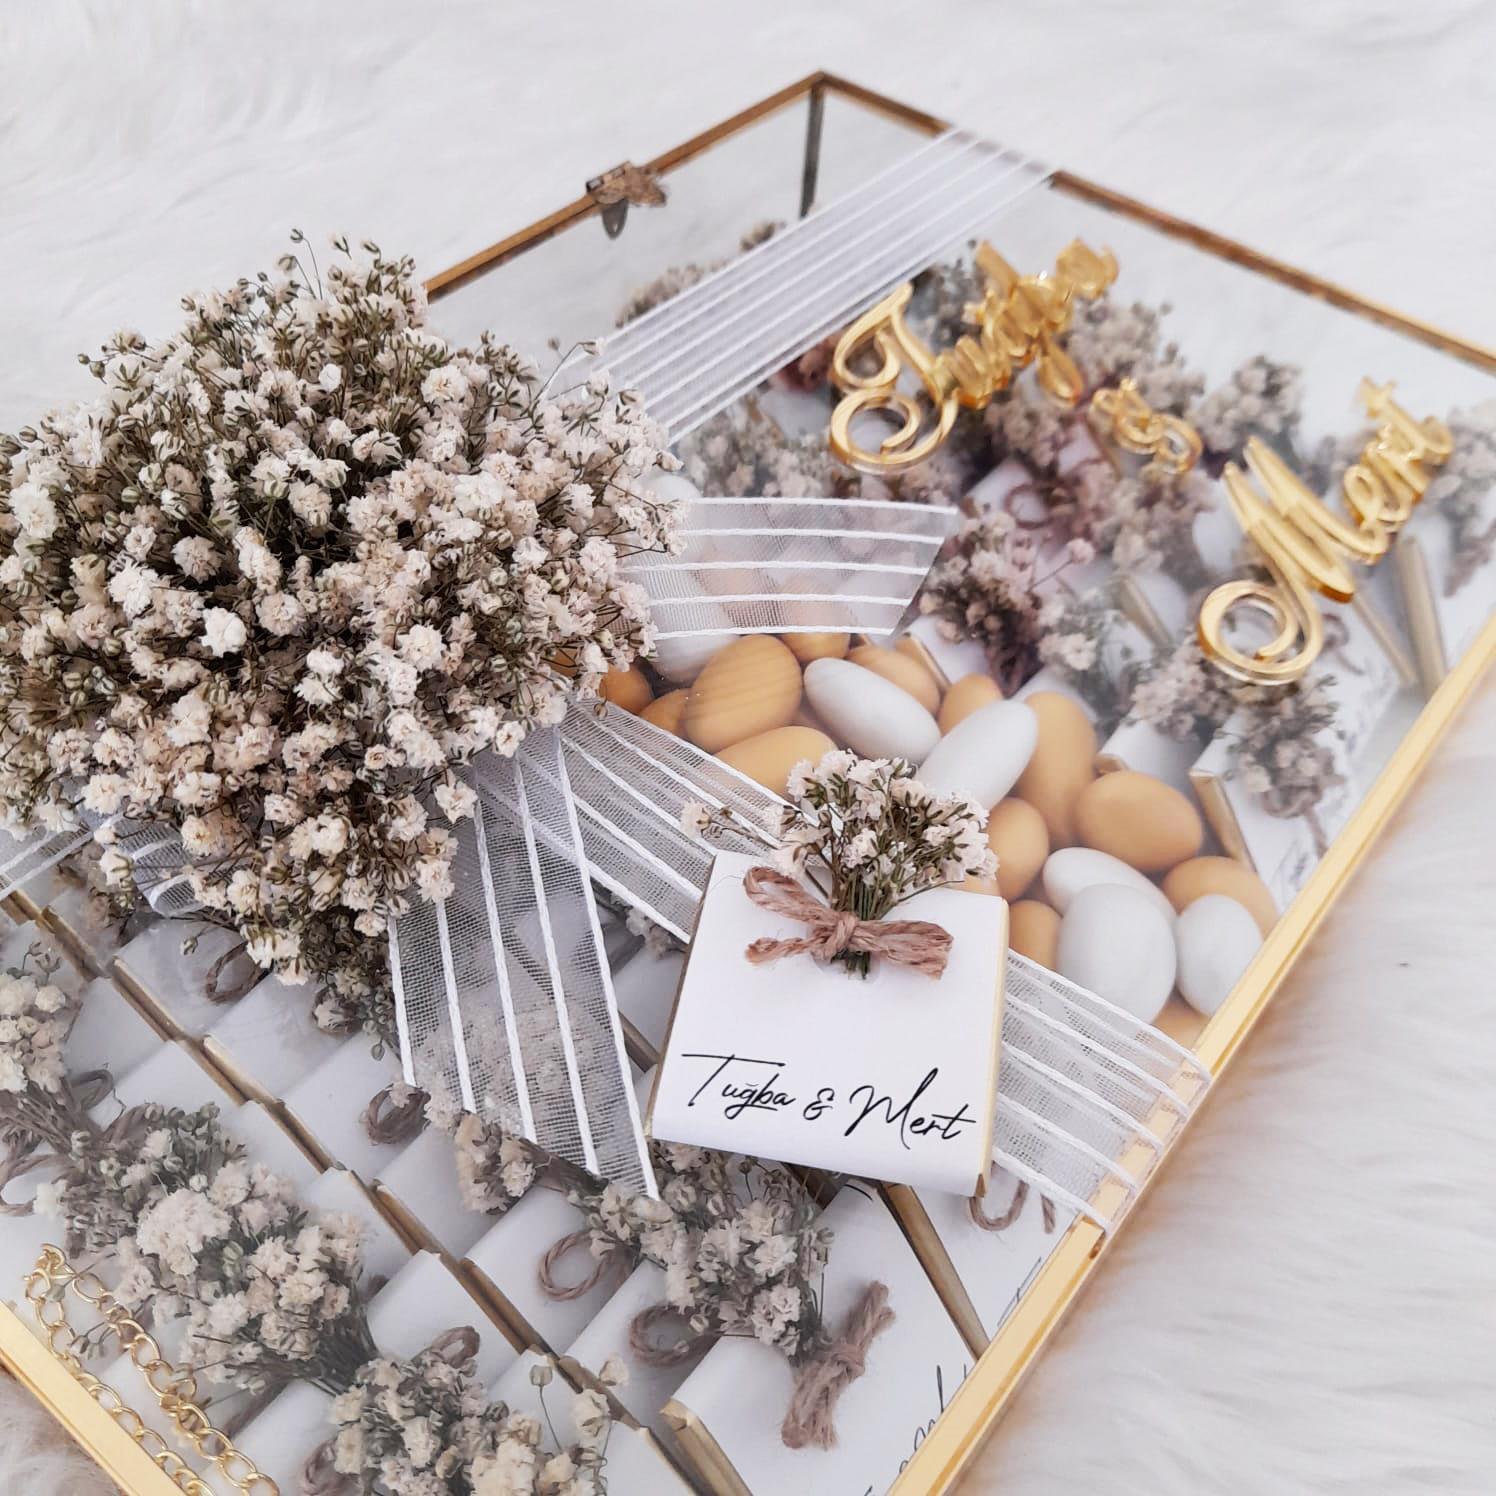 Kız isteme çikolatası, Kuru çiçekli, Cam kutulu, Söz nişan çikolatası, İsteme çikolatası